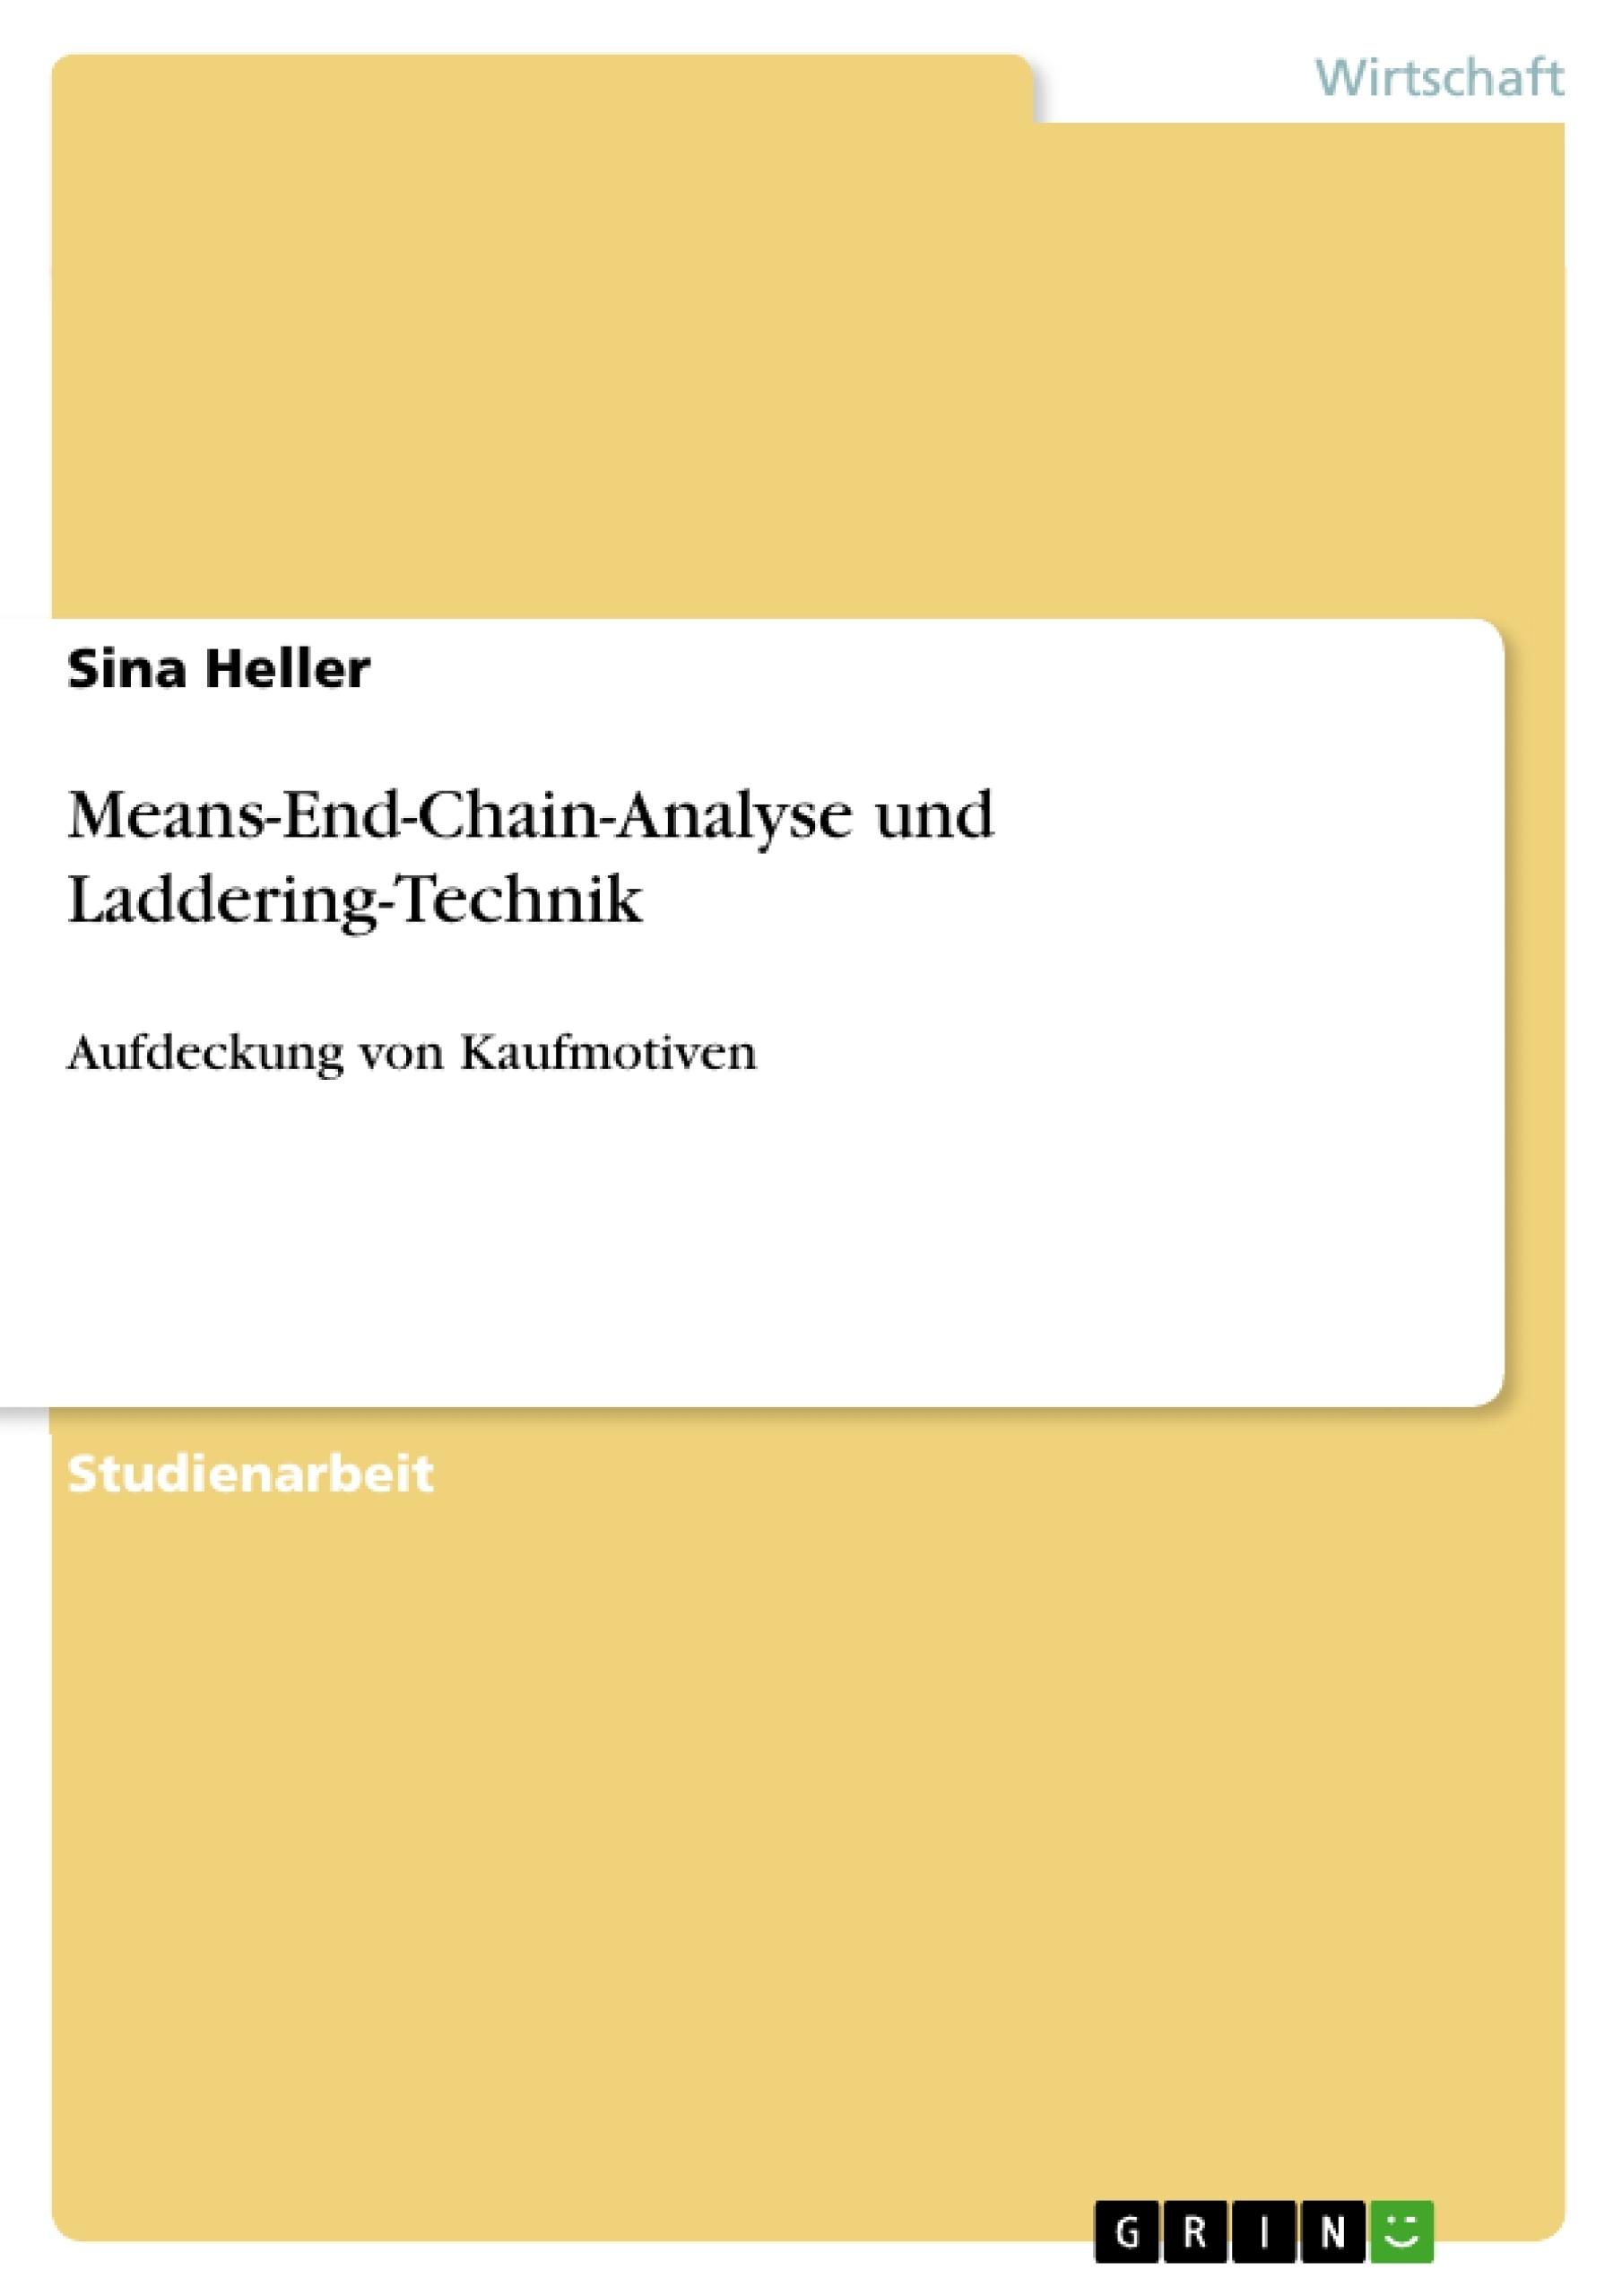 Titel: Means-End-Chain-Analyse und Laddering-Technik